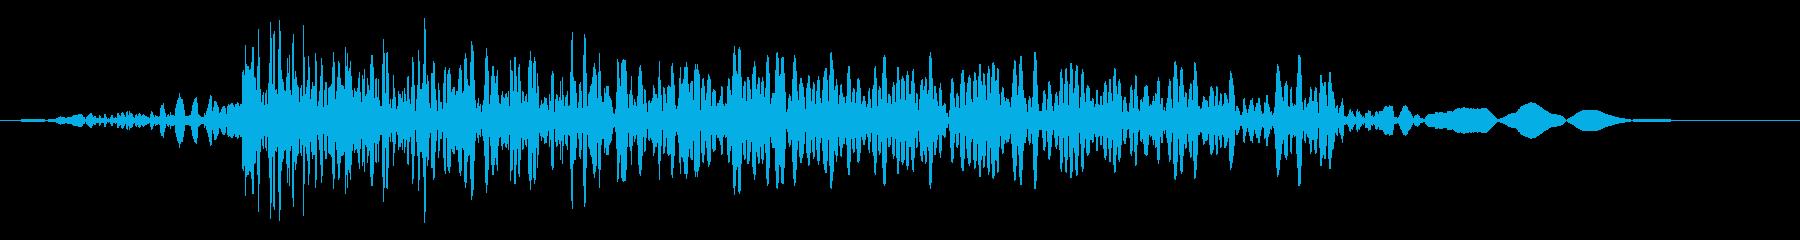 カエル モンスター ゲーム 攻撃 弱の再生済みの波形